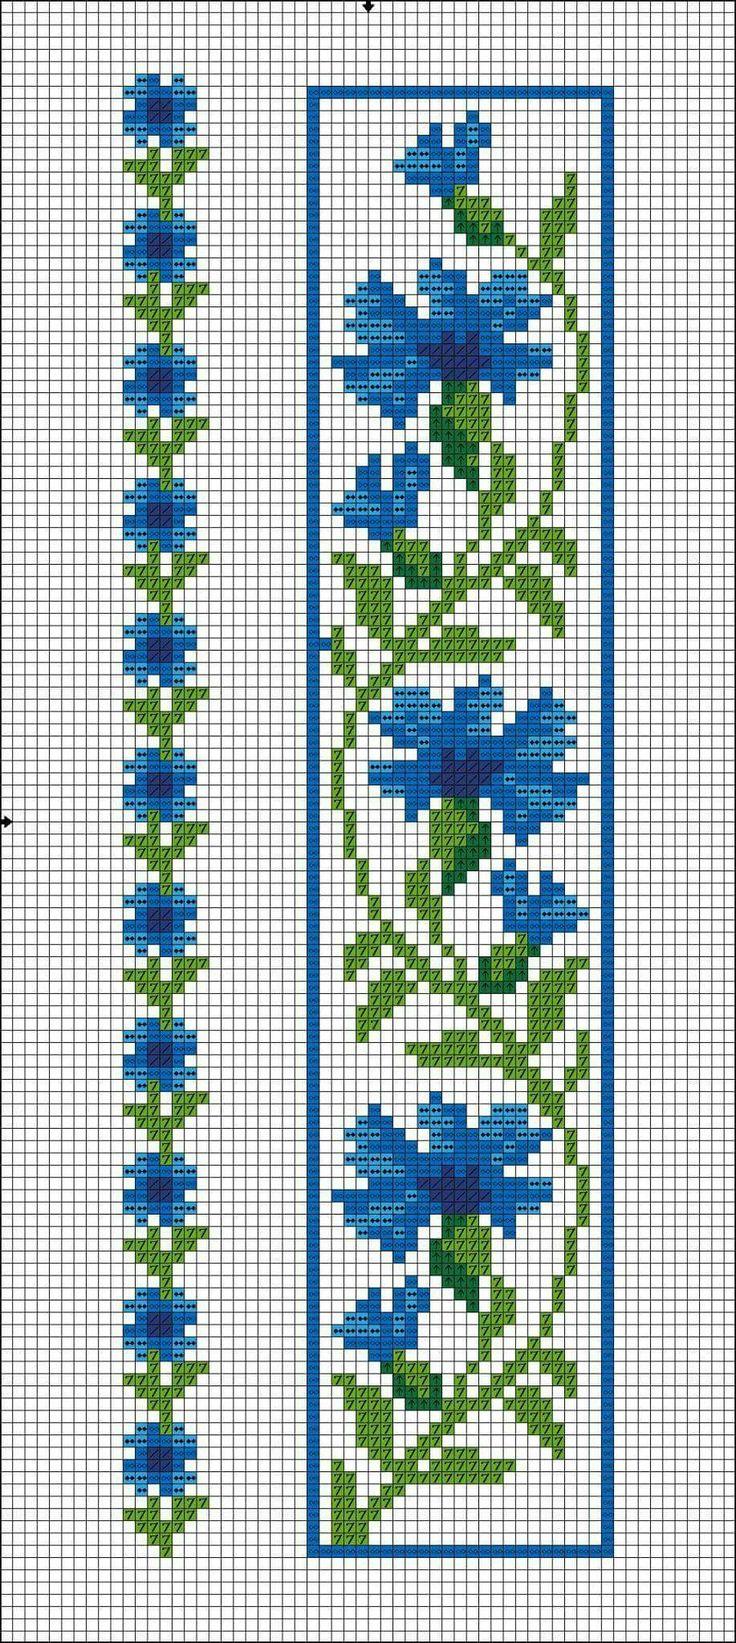 Василёк вышивка крестом схема 2